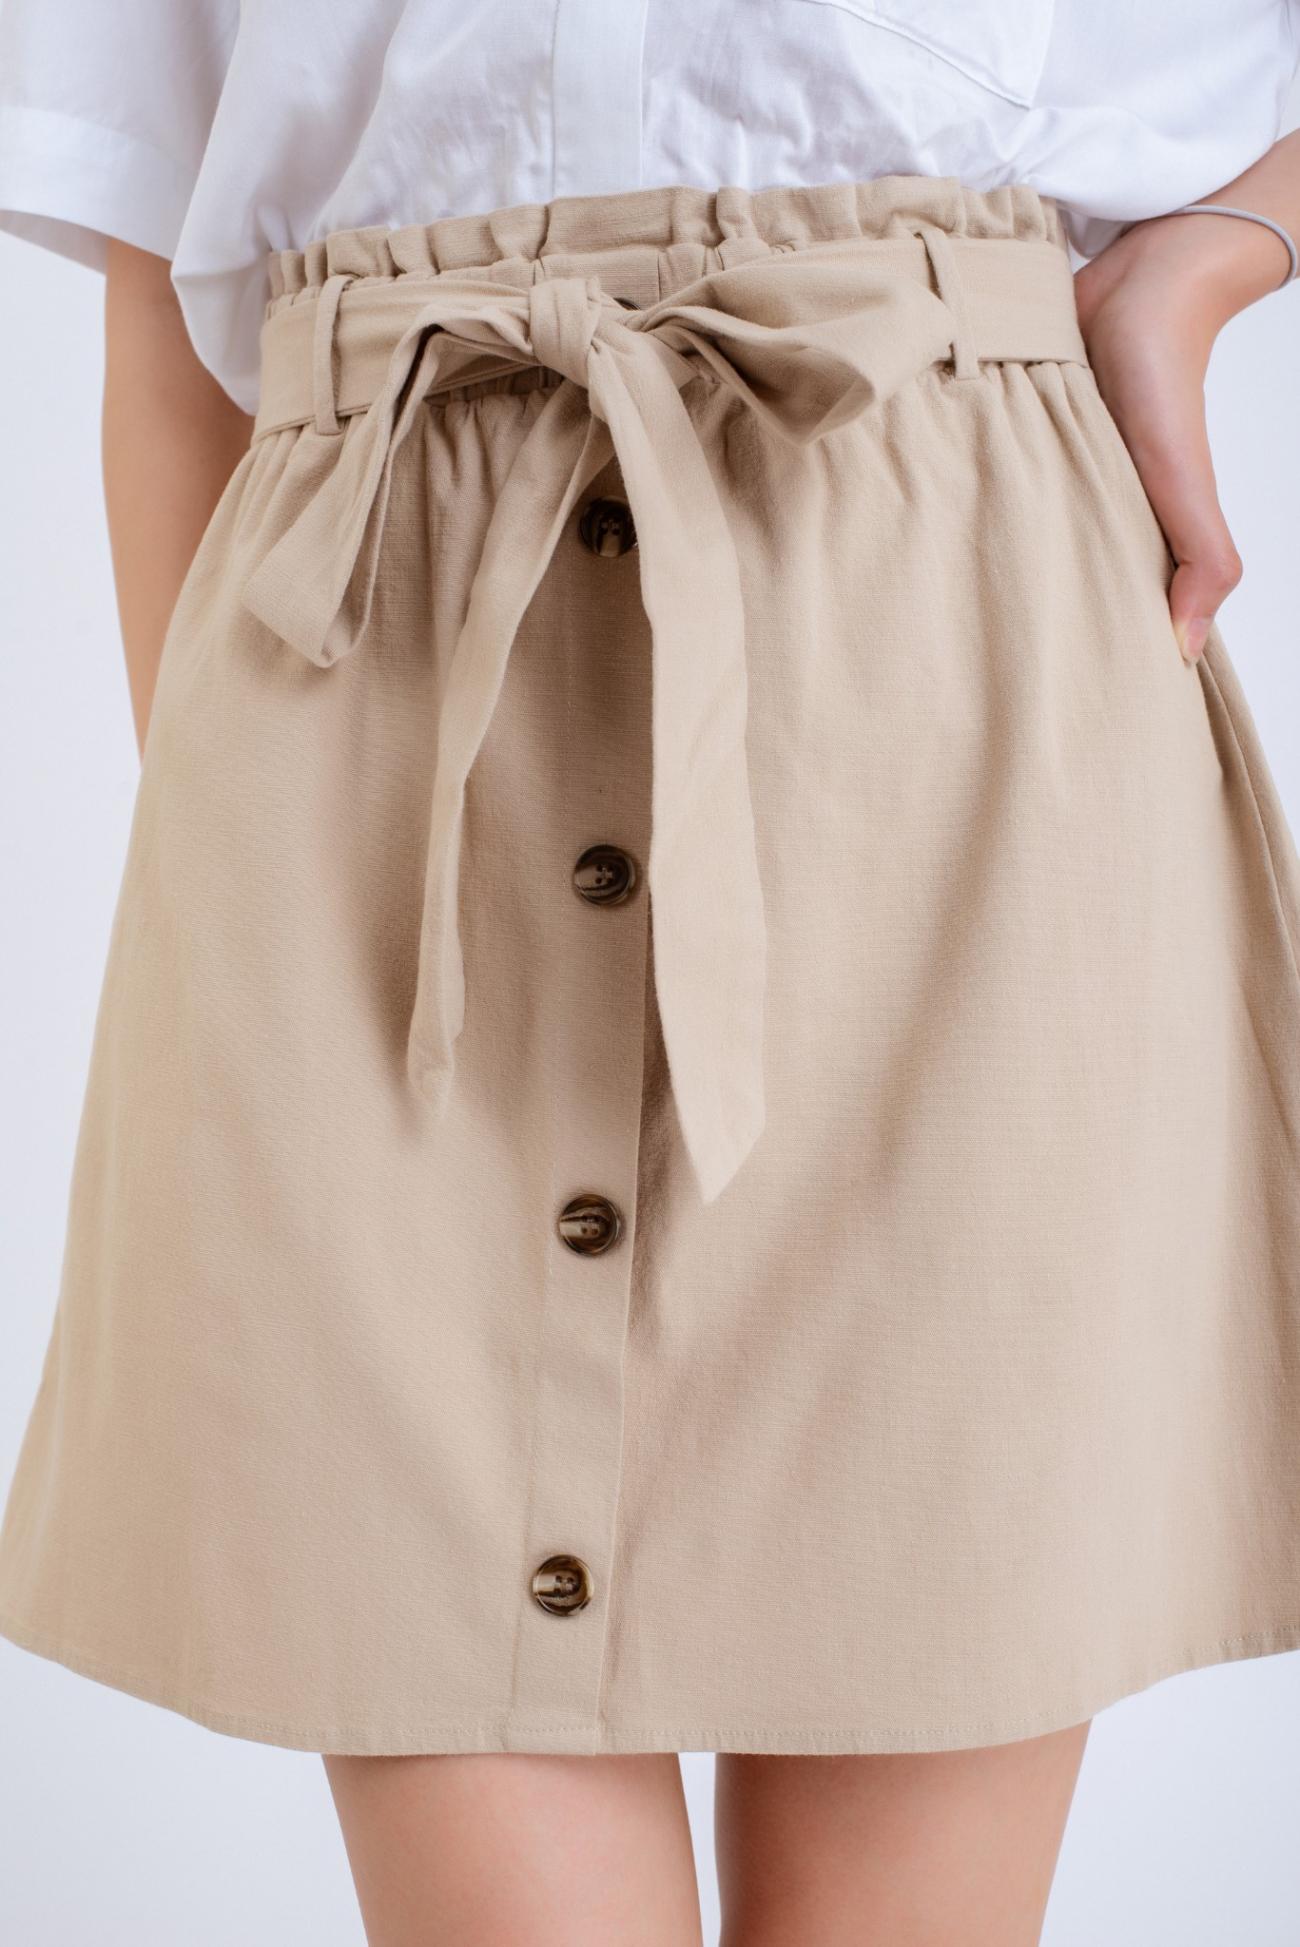 Top shop chân váy nữ giá rẻ uy tín tại Bình Dương